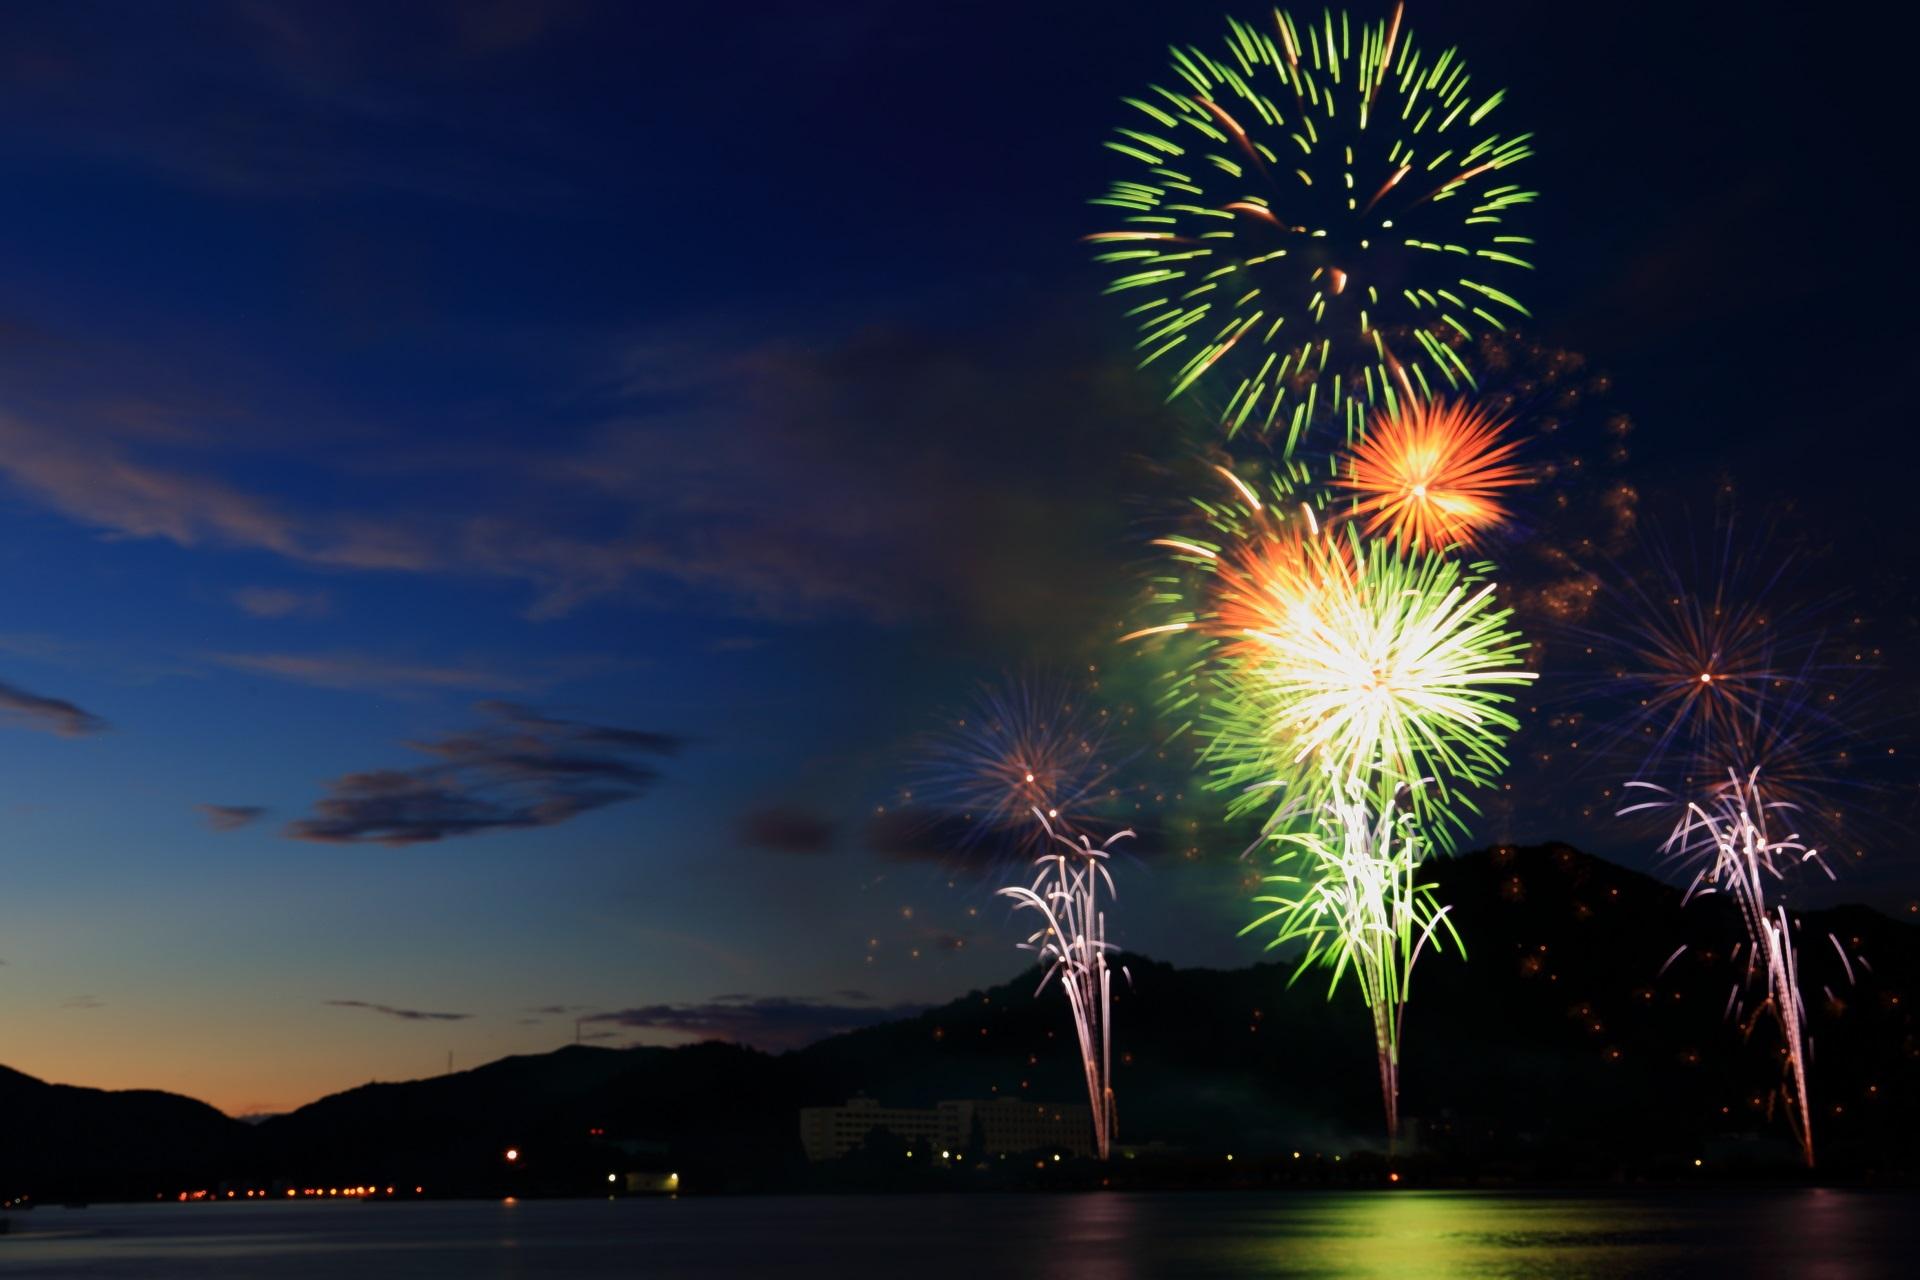 まだ紺色や葵色をした空に打ち上がる舞鶴の花火